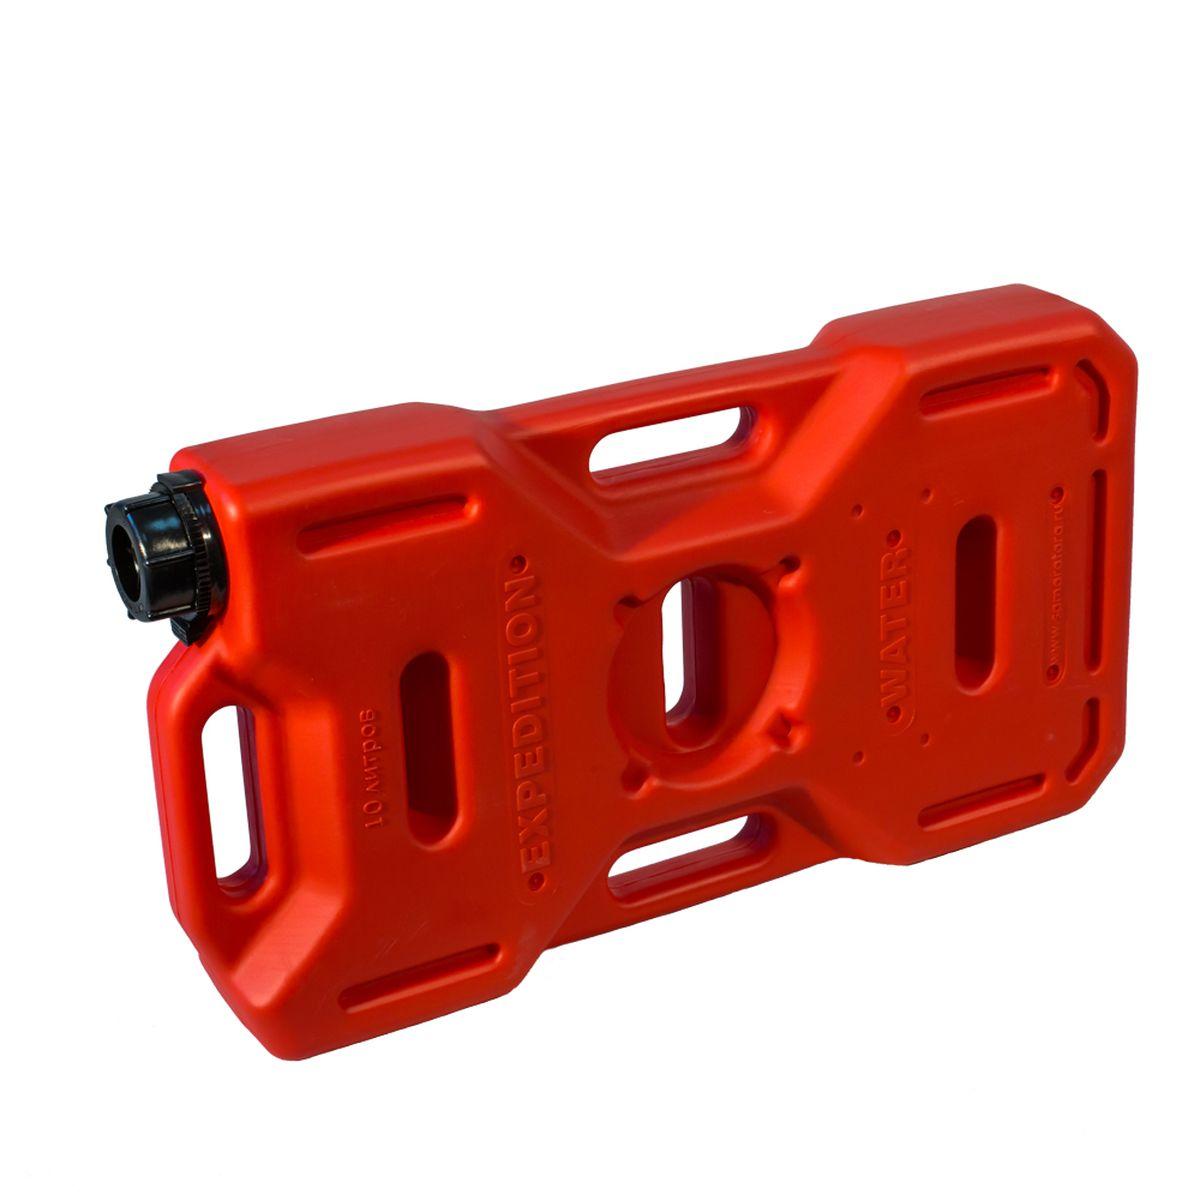 Канистра Экстрим Плюс, цвет: красный, 10 л какой мотоцикл бу можно или квадроцикл за 30 000